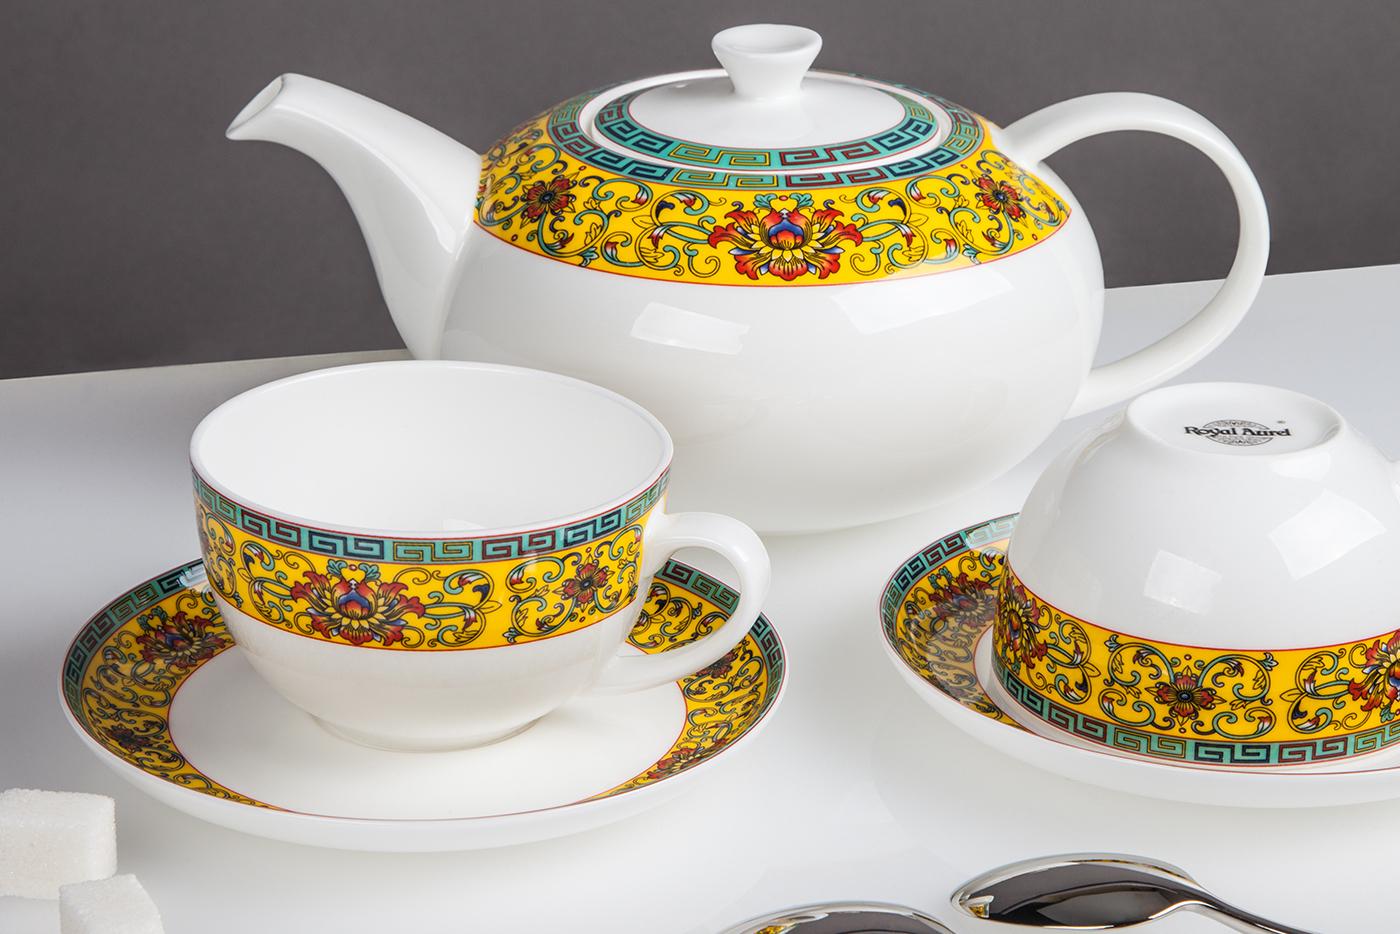 Чайный сервиз Royal Aurel Восторг арт.145, 13 предметов